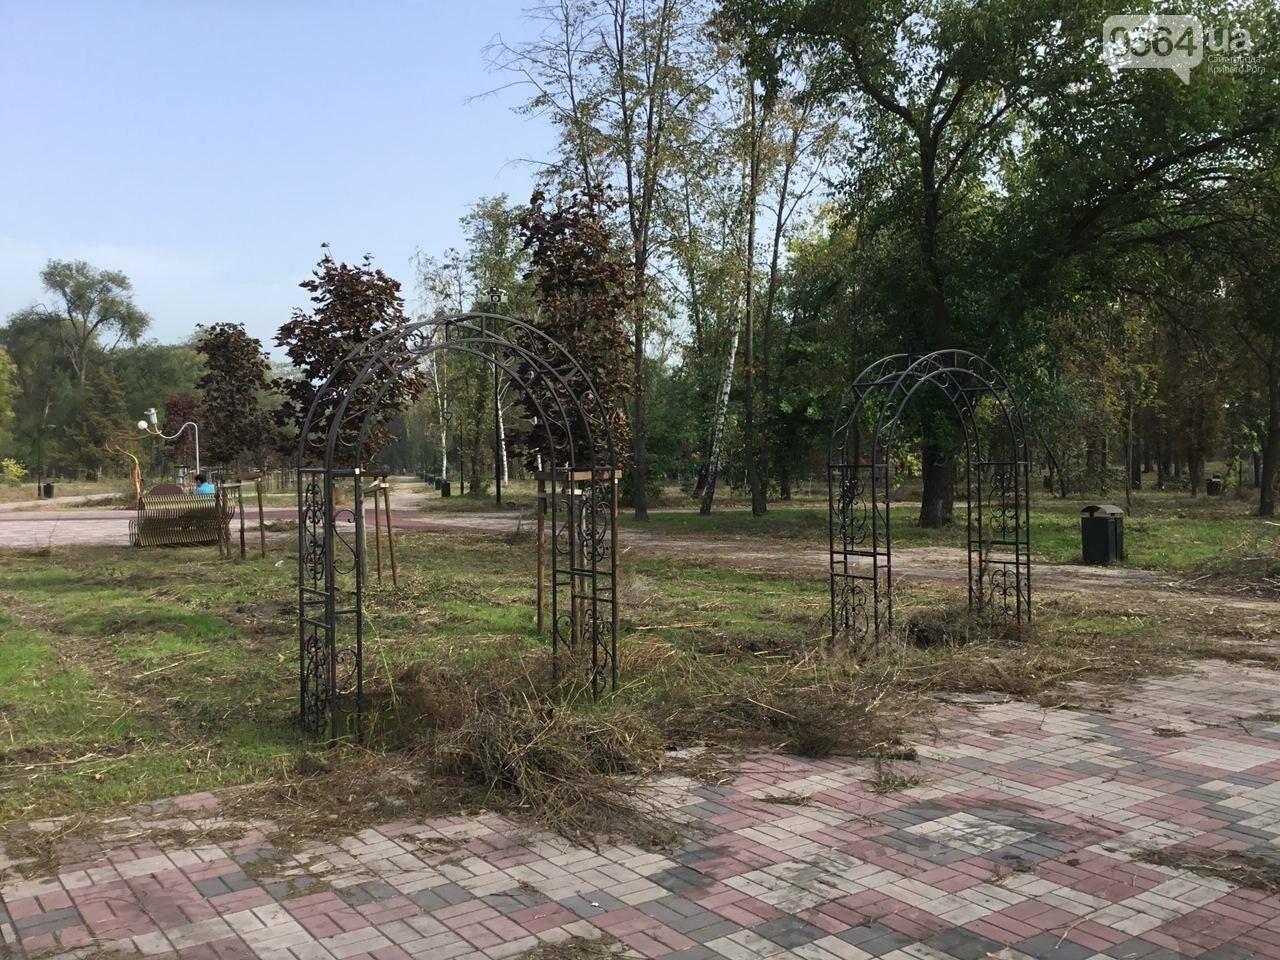 В Гданцевском парке наводят порядок. Как выглядит парк после покоса амброзии, - ФОТО, ВИДЕО, фото-28